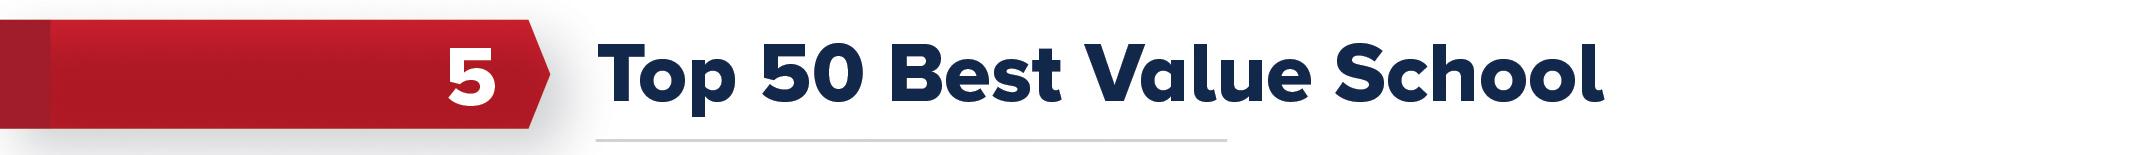 5. Top 50 Best Value School